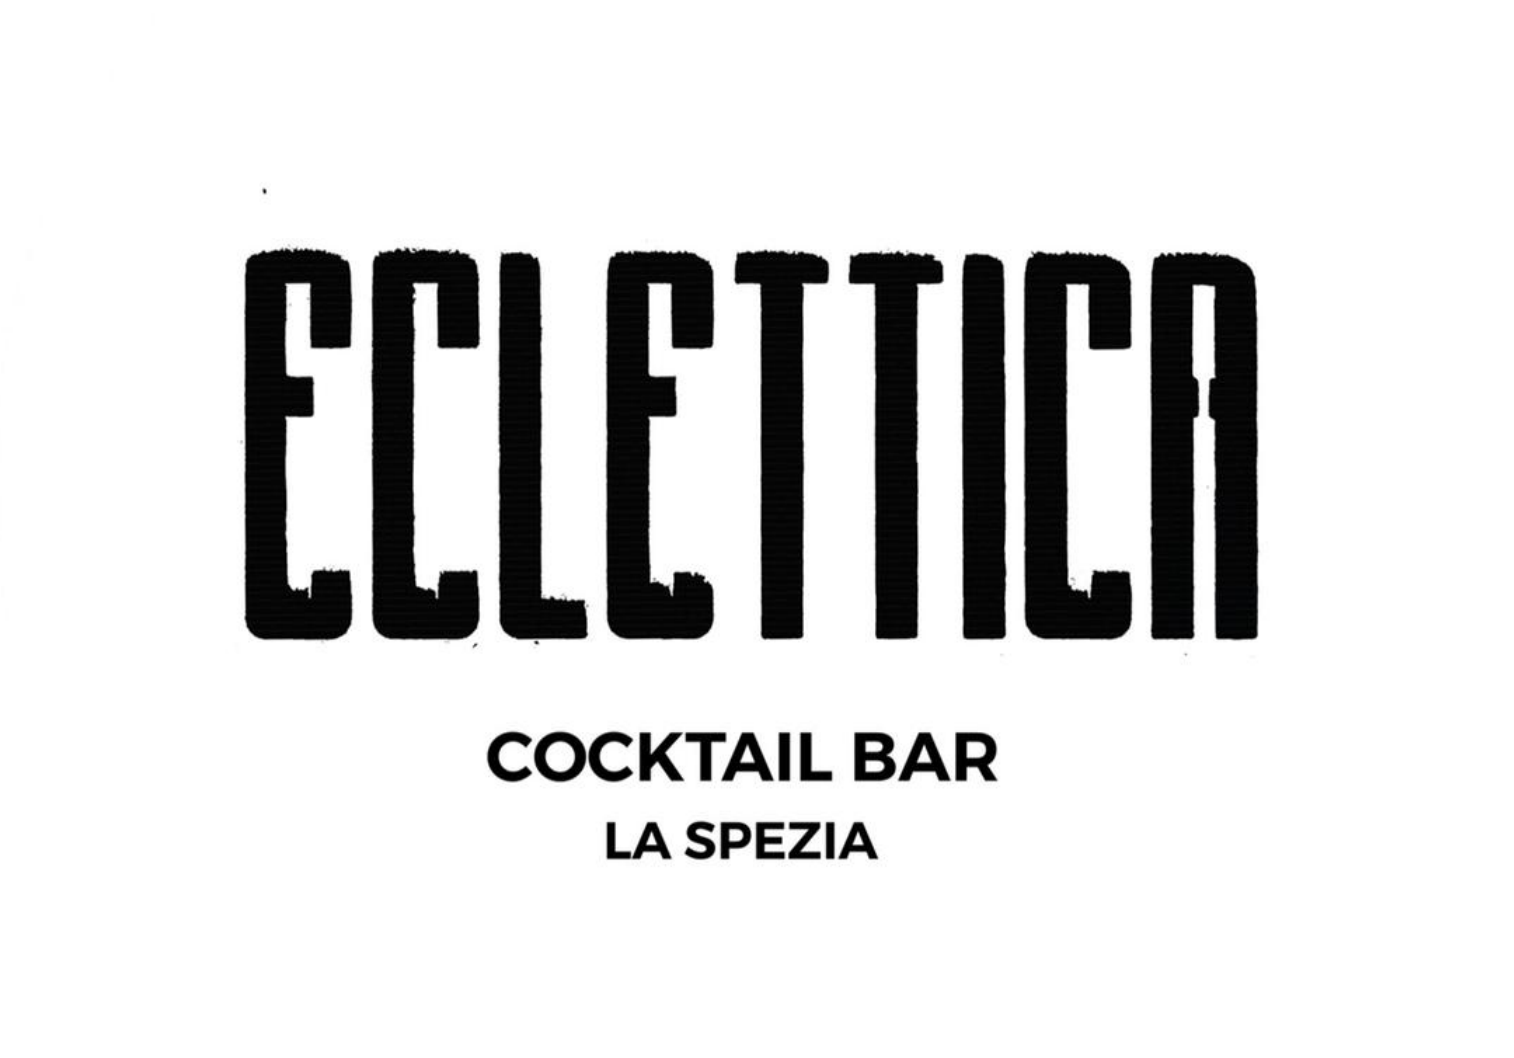 Eclettica cocktail bar